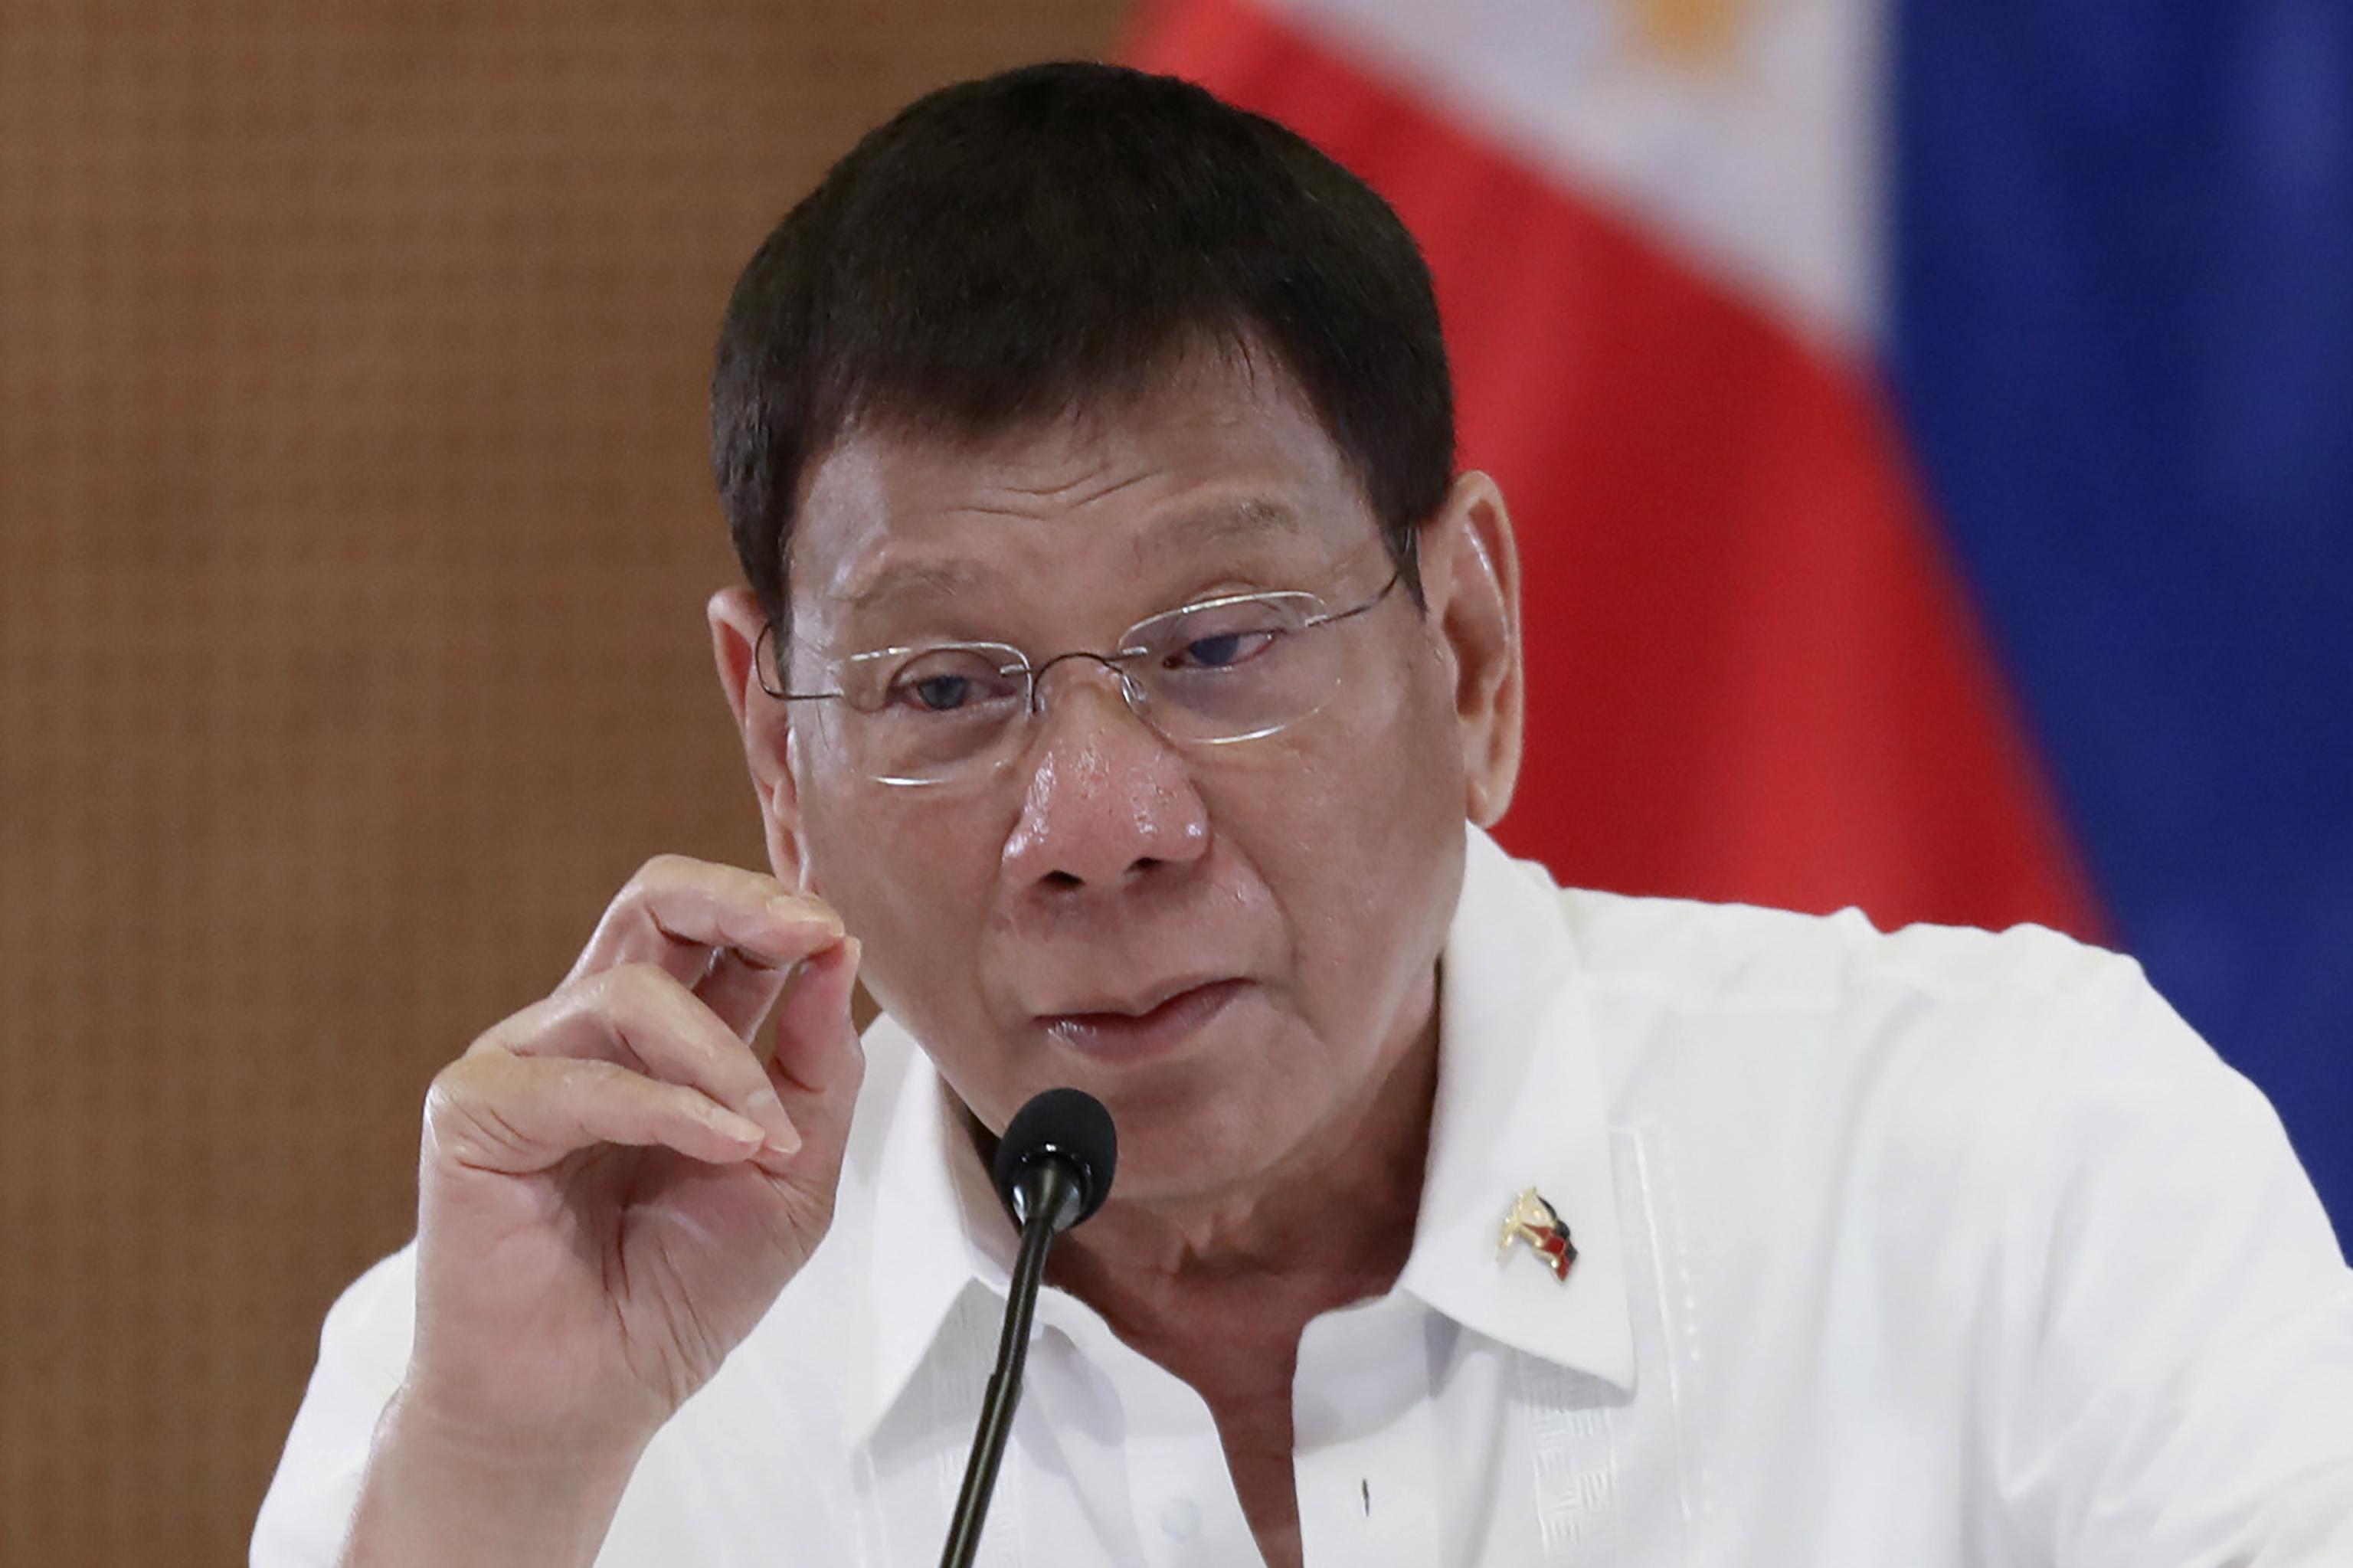 رودریگو دوترته ، رئیس جمهور فیلیپین در حالی که می خندد ، دست به حرکت می زند